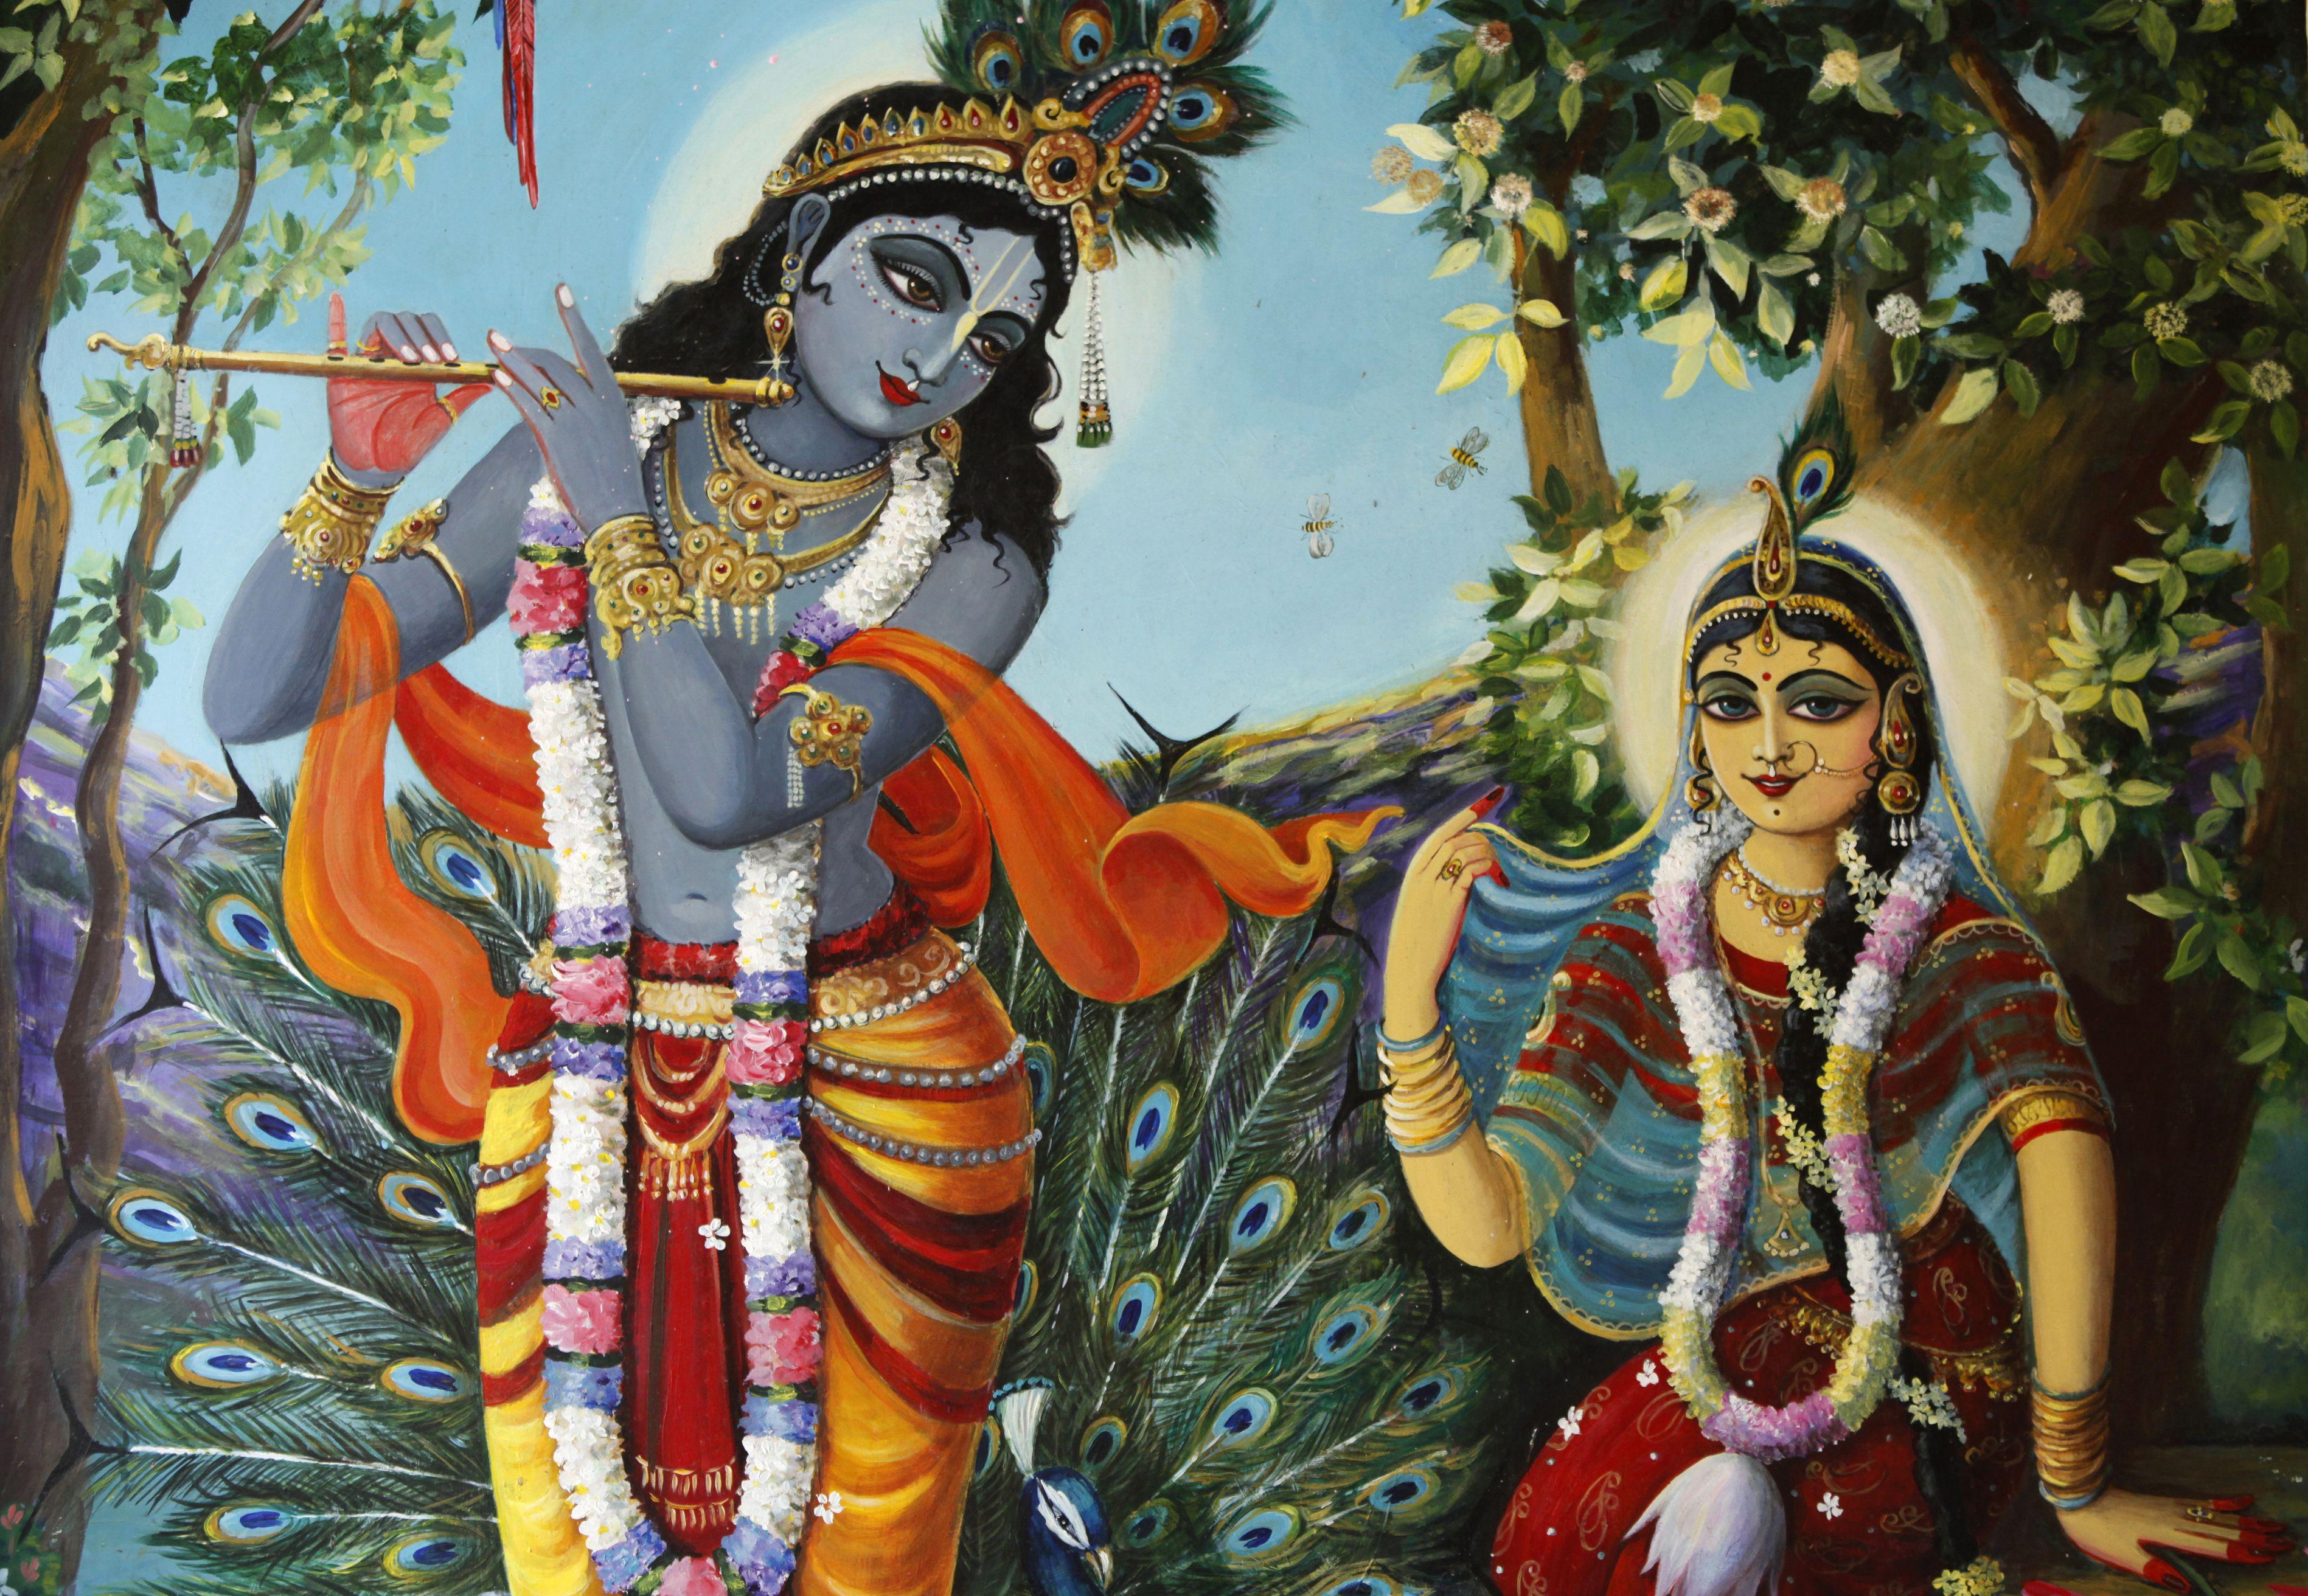 Fasting, Praying, and Regular Hindu Rituals